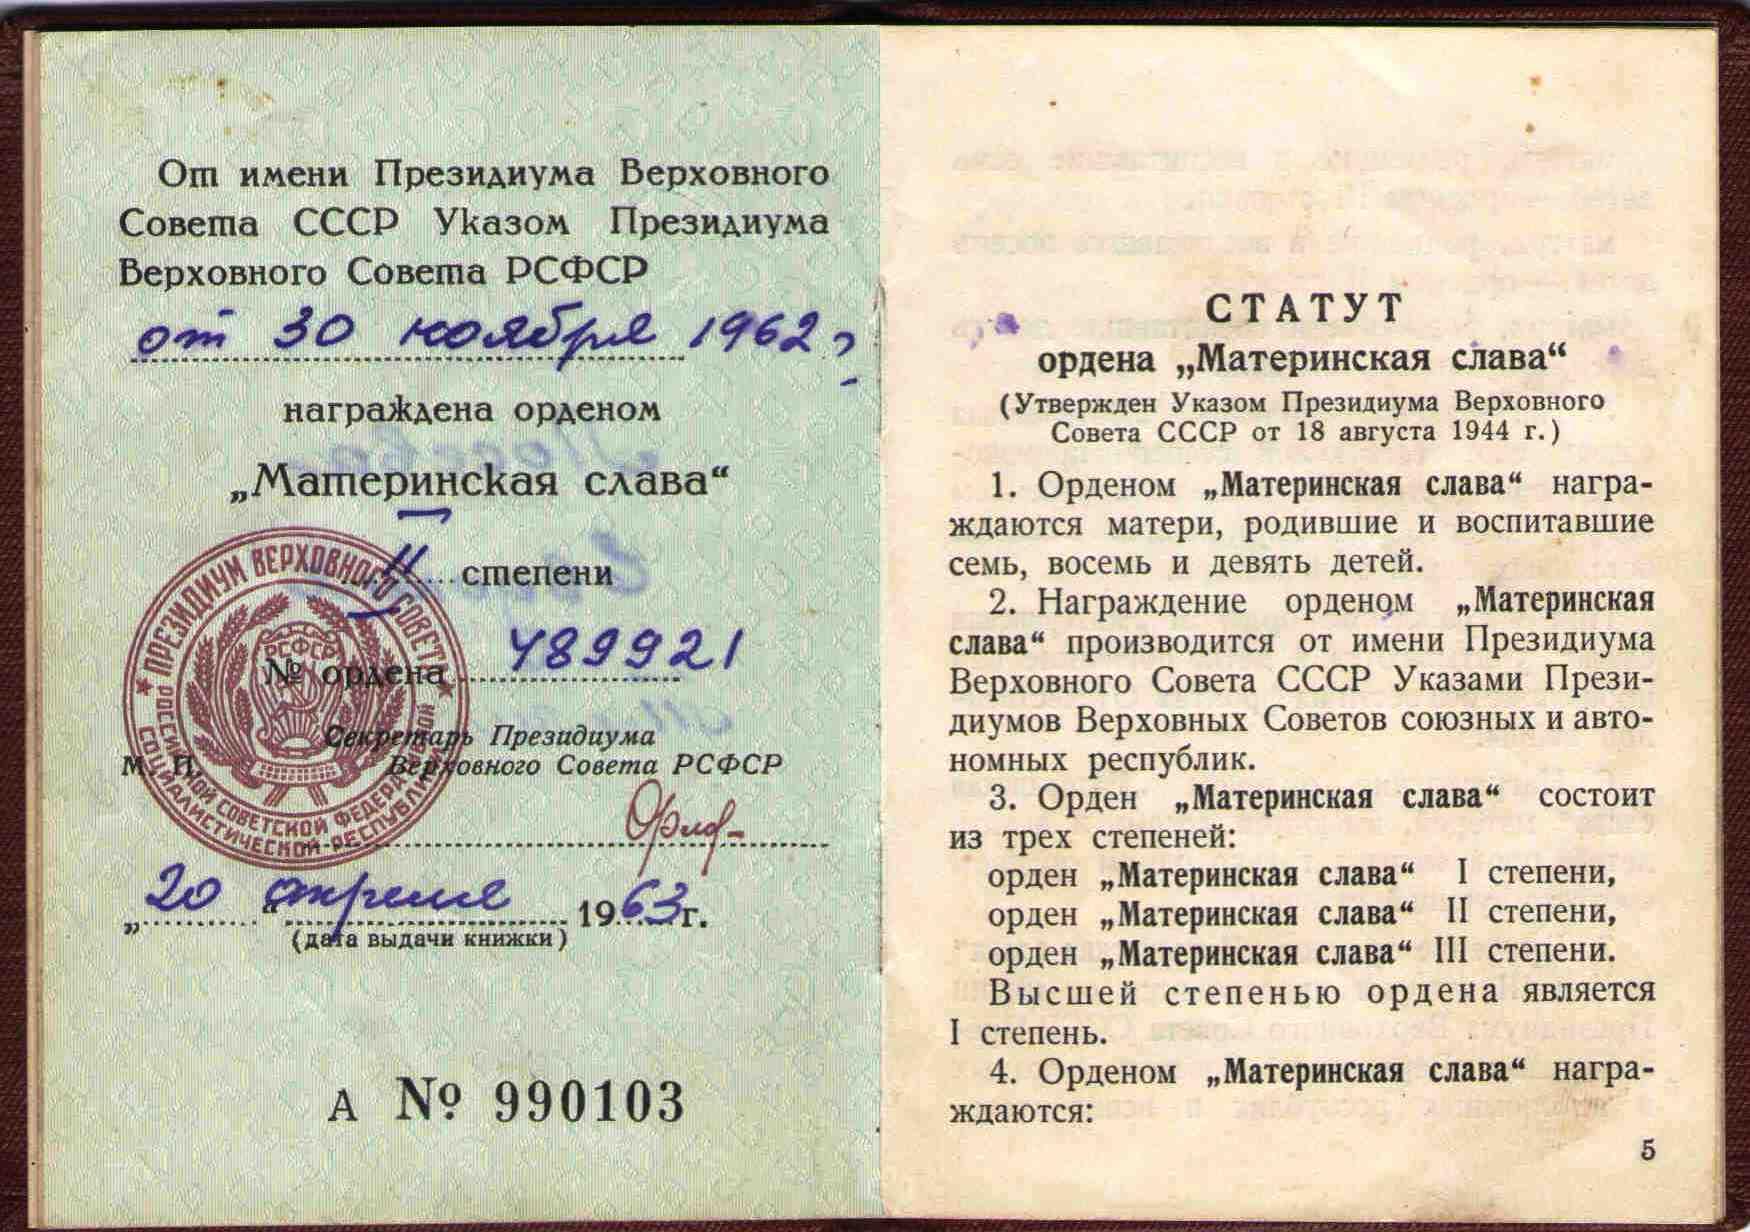 25. Орденская книжка 2 степени, 1963